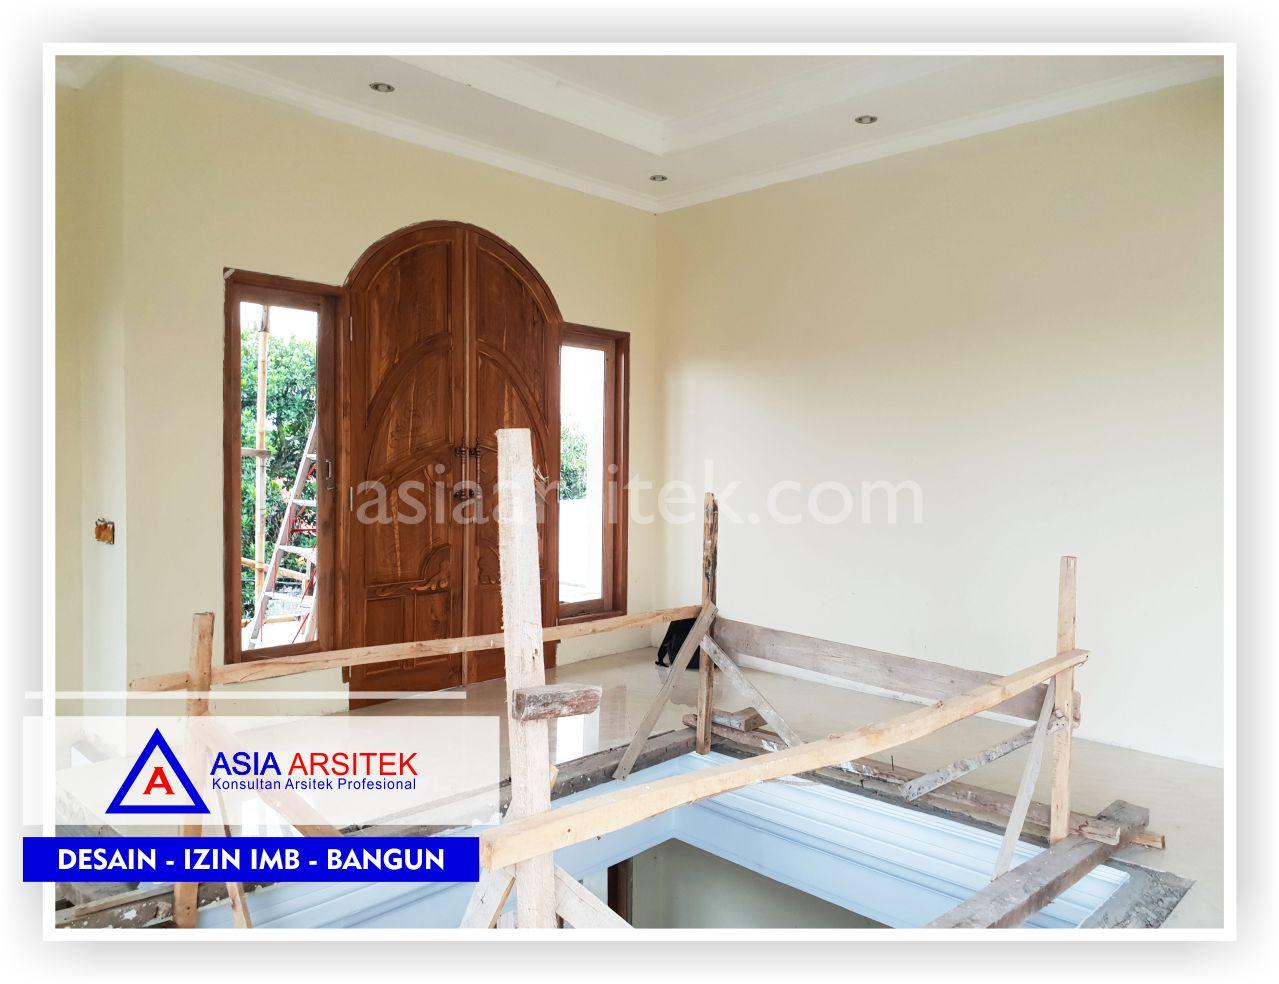 Area Interior Rumah Klasik Mewah Bu Iis - Arsitek Desain Rumah Minimalis Modern Di Bandung-Tangerang-Bogor-Bekasi-Jakarta-Jasa Konsultan Desain Arsitek Profesional (4)